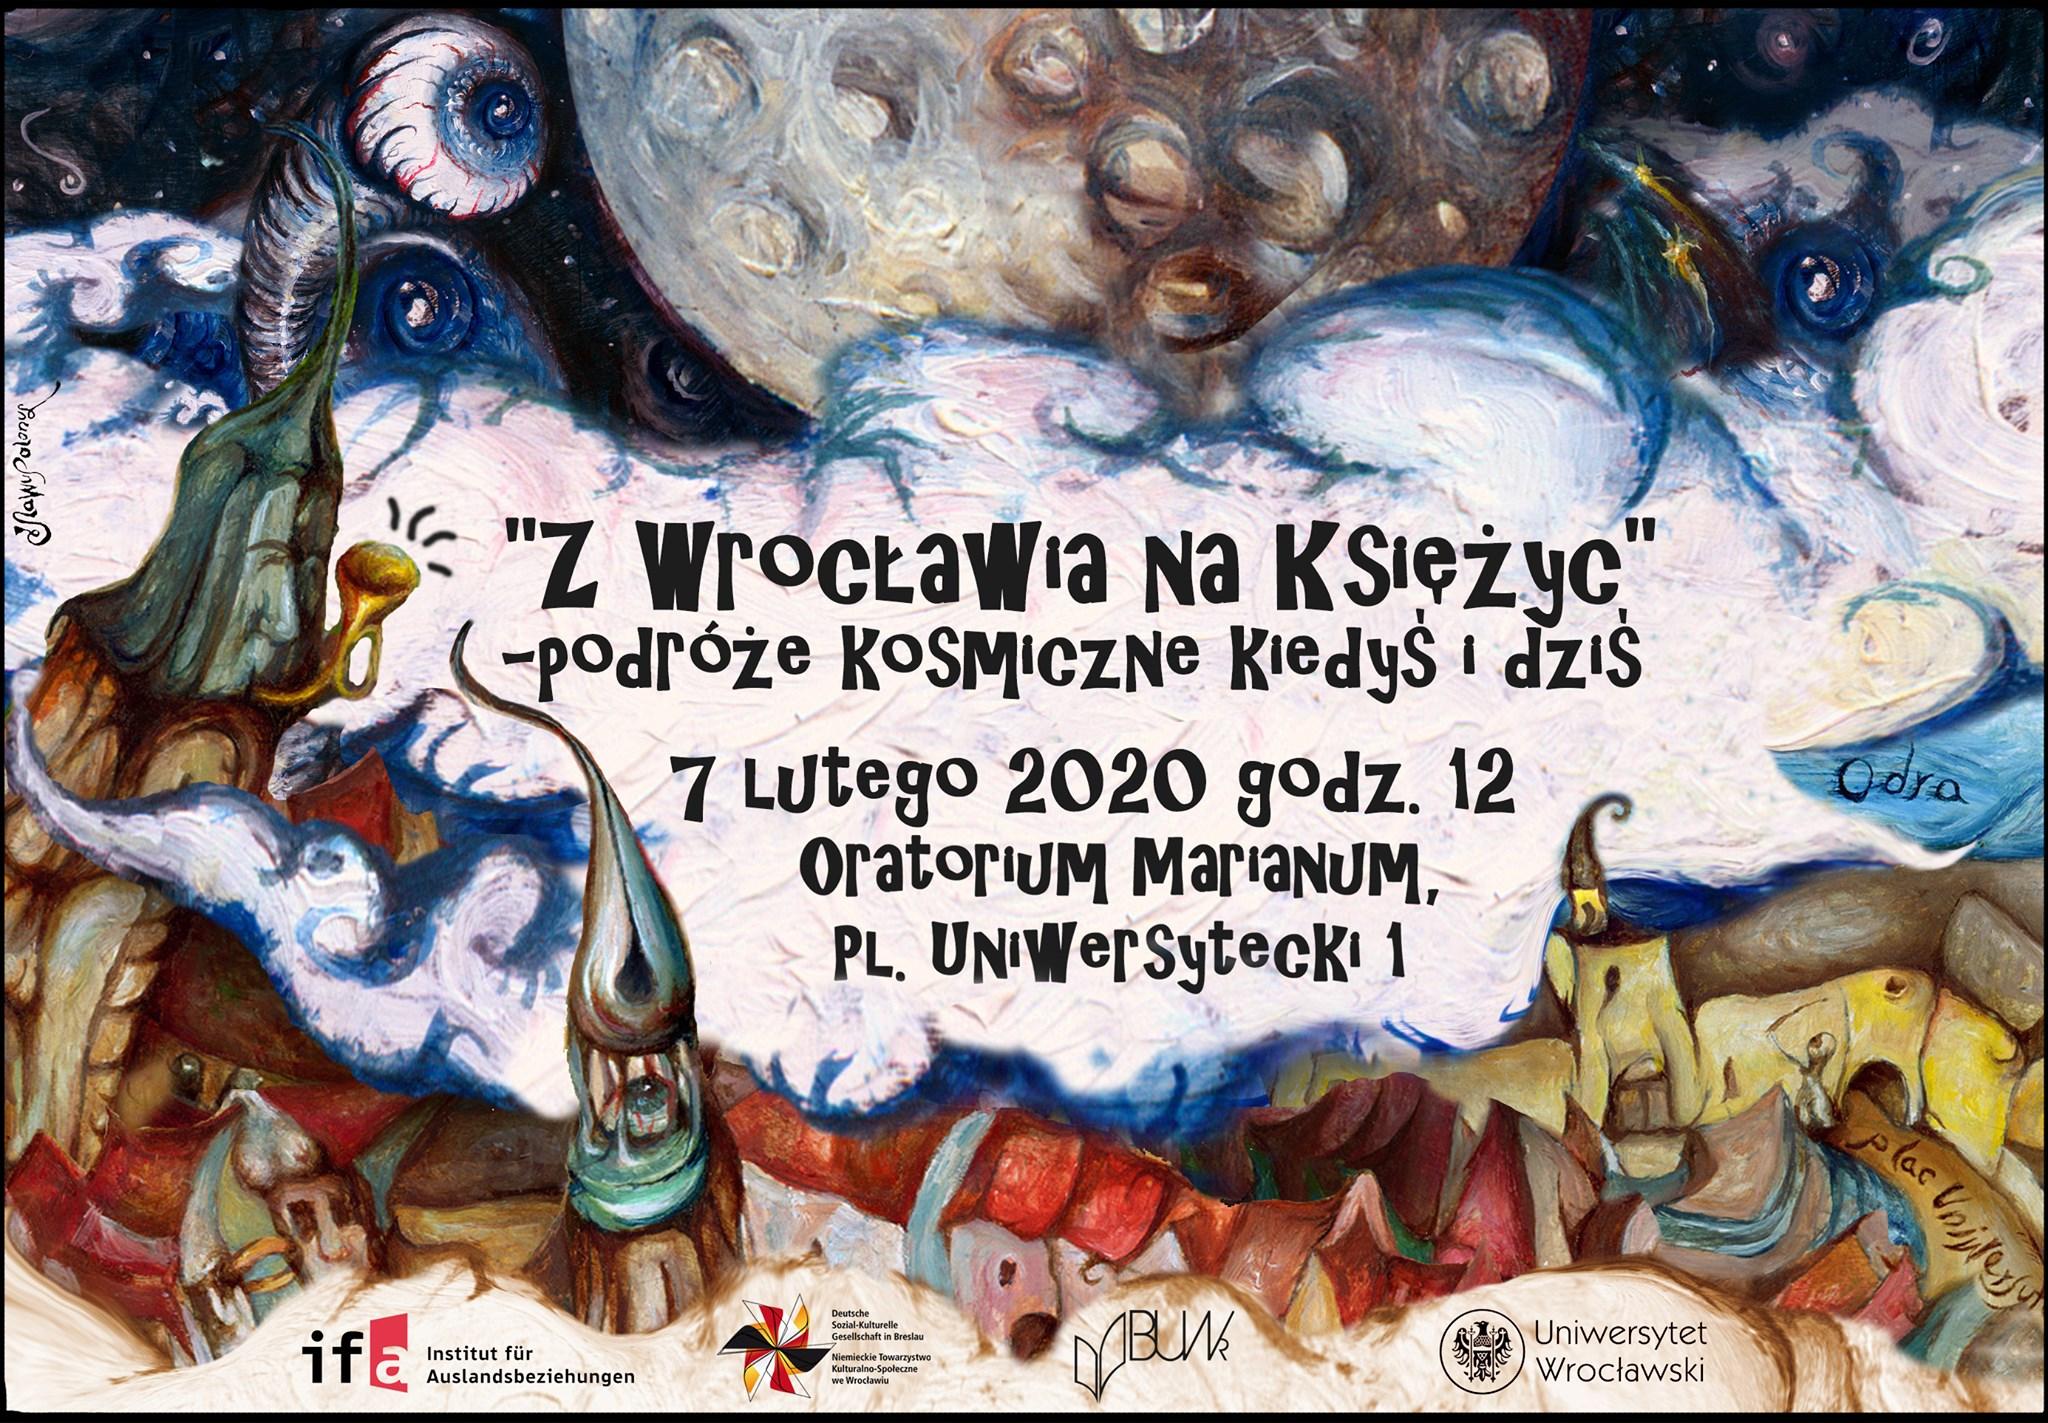 Z Wrocławia na Księżyc @ Oratorium Marianum